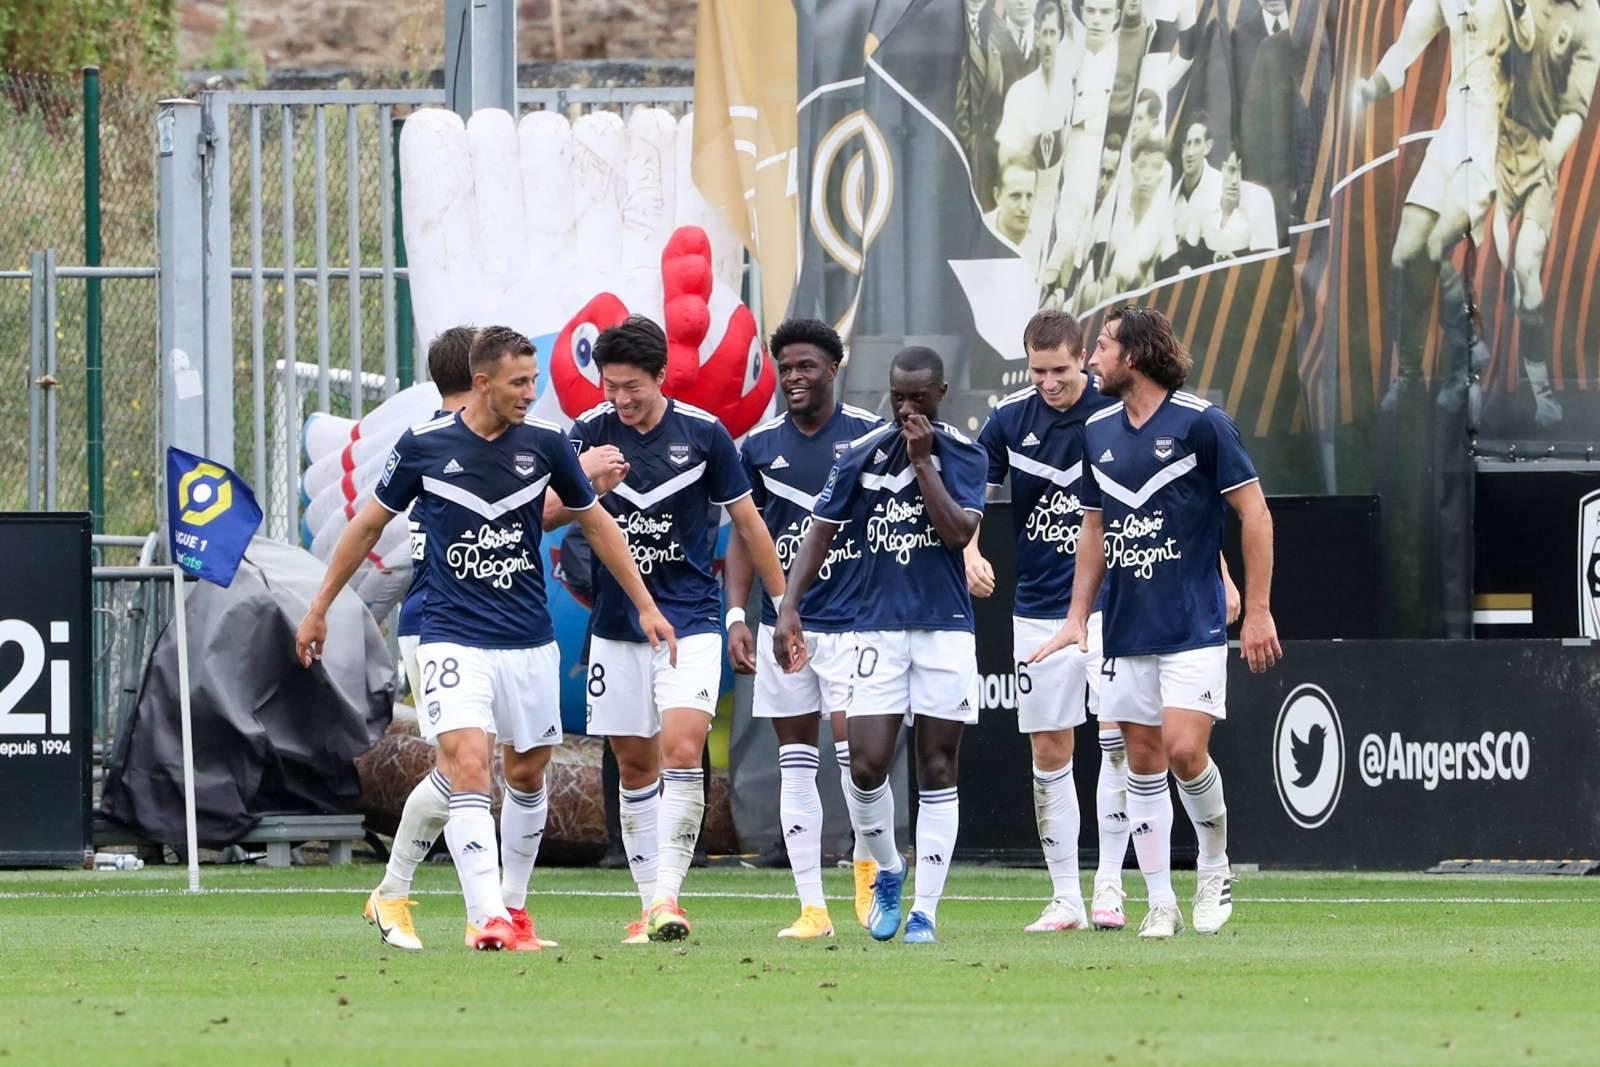 «Бордо» - «Ренн»: прогноз и ставка на матч чемпионата Франции – 26 сентября 2021